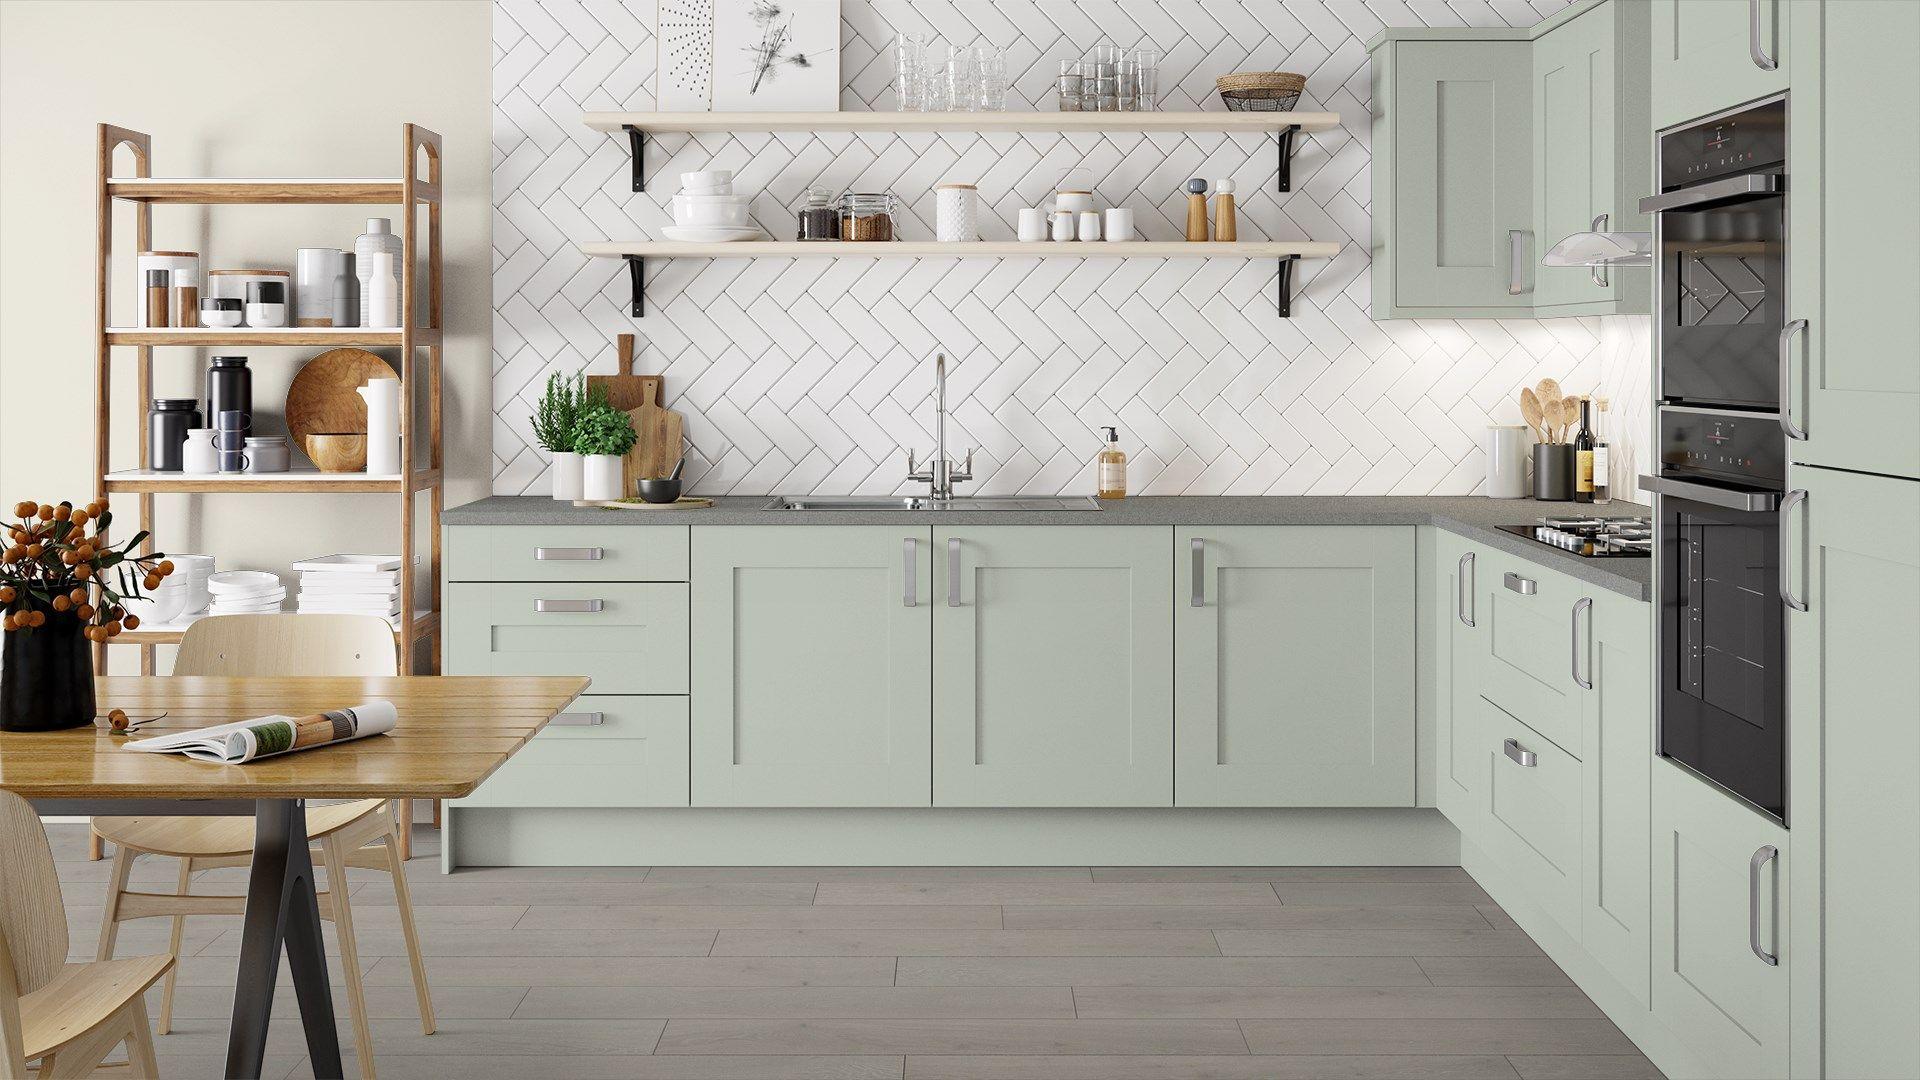 Homebase Kitchen Visualiser Homebase Kitchens Kitchen Visualizer Kitchen Remodel Small